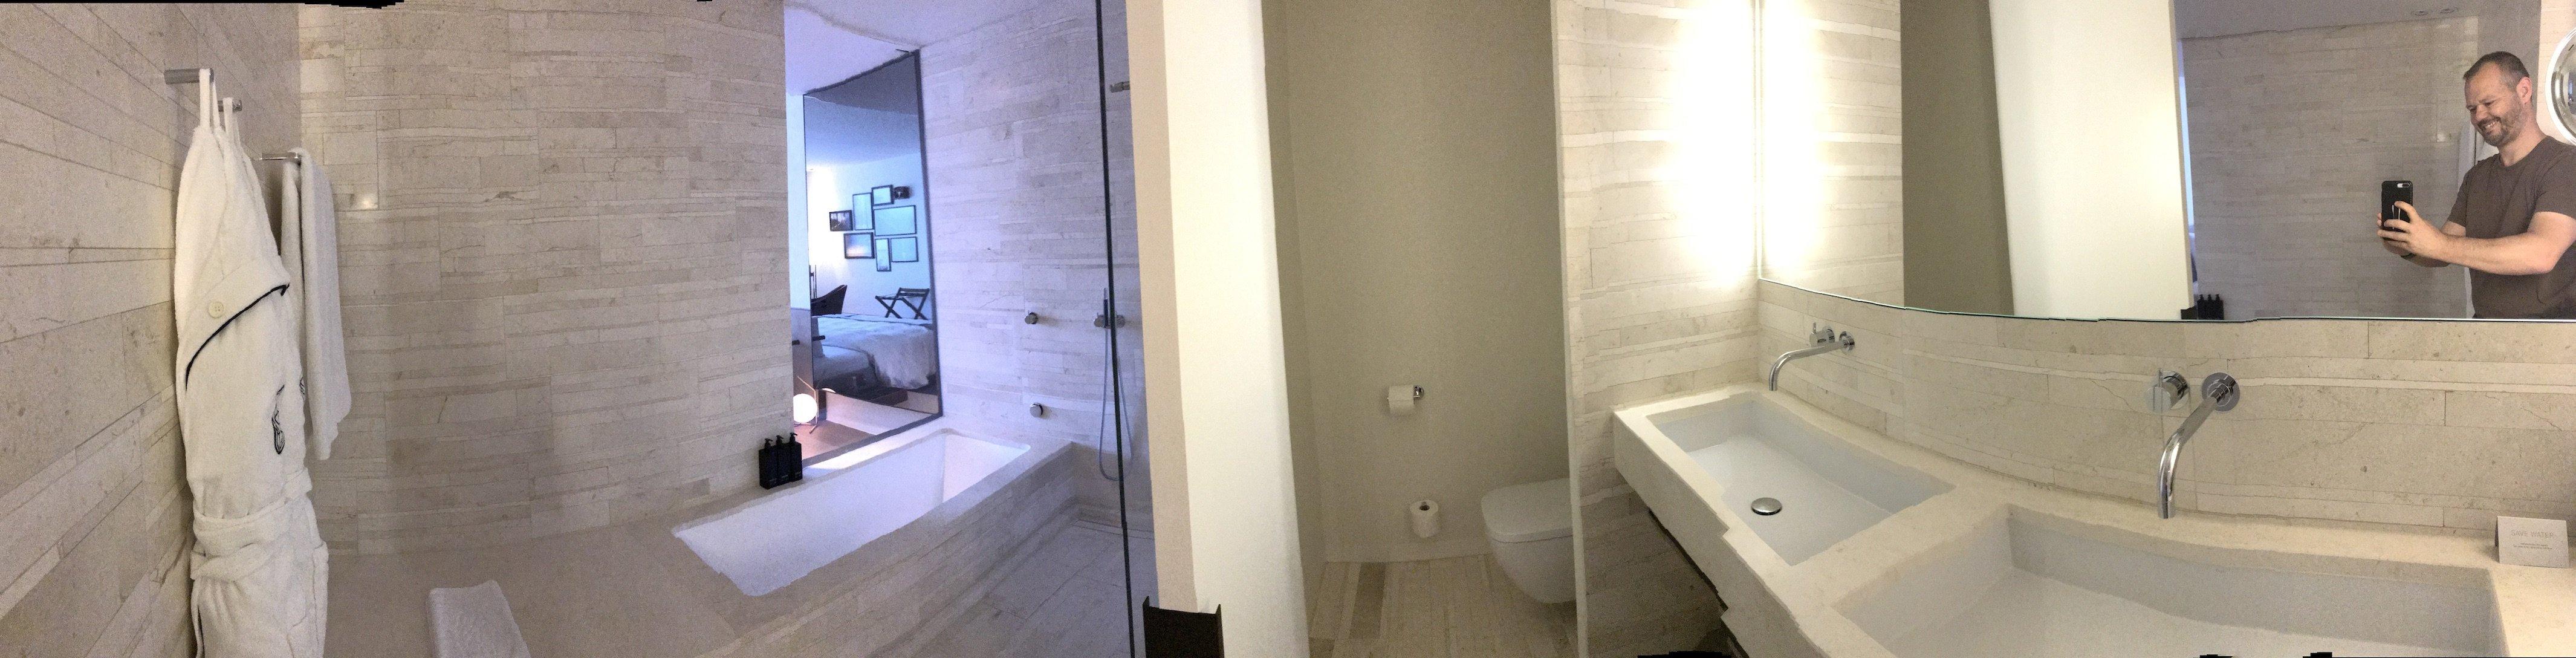 Panorama des Bads - ja, das iPhone mag die unterschiedlichen Lichtverhältnisse nicht wirklich...